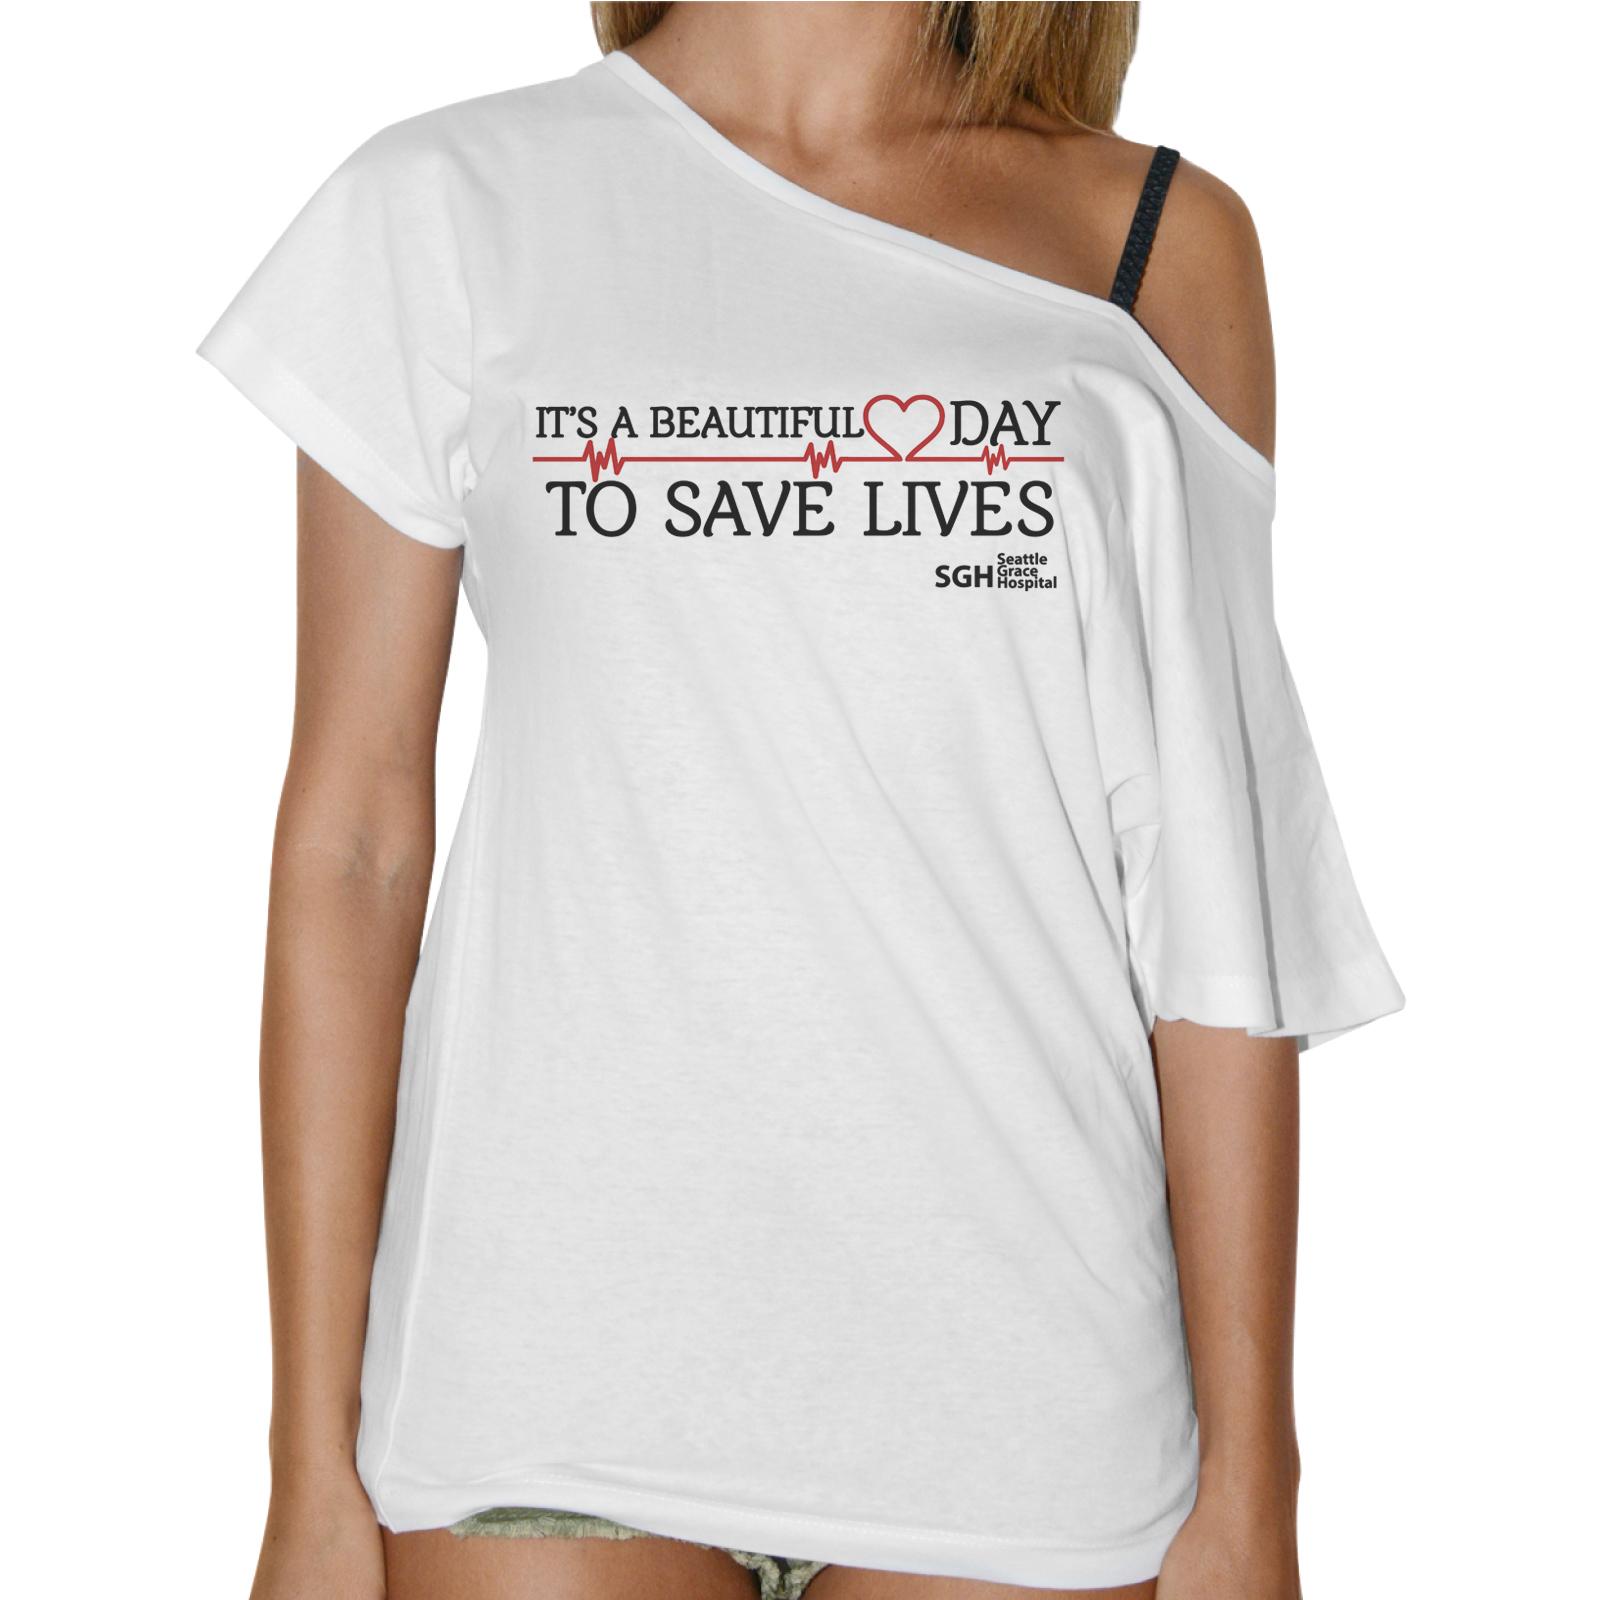 T-Shirt Donna Collo Barca BEAUTIFUL DAY GREY'S ANATOMY